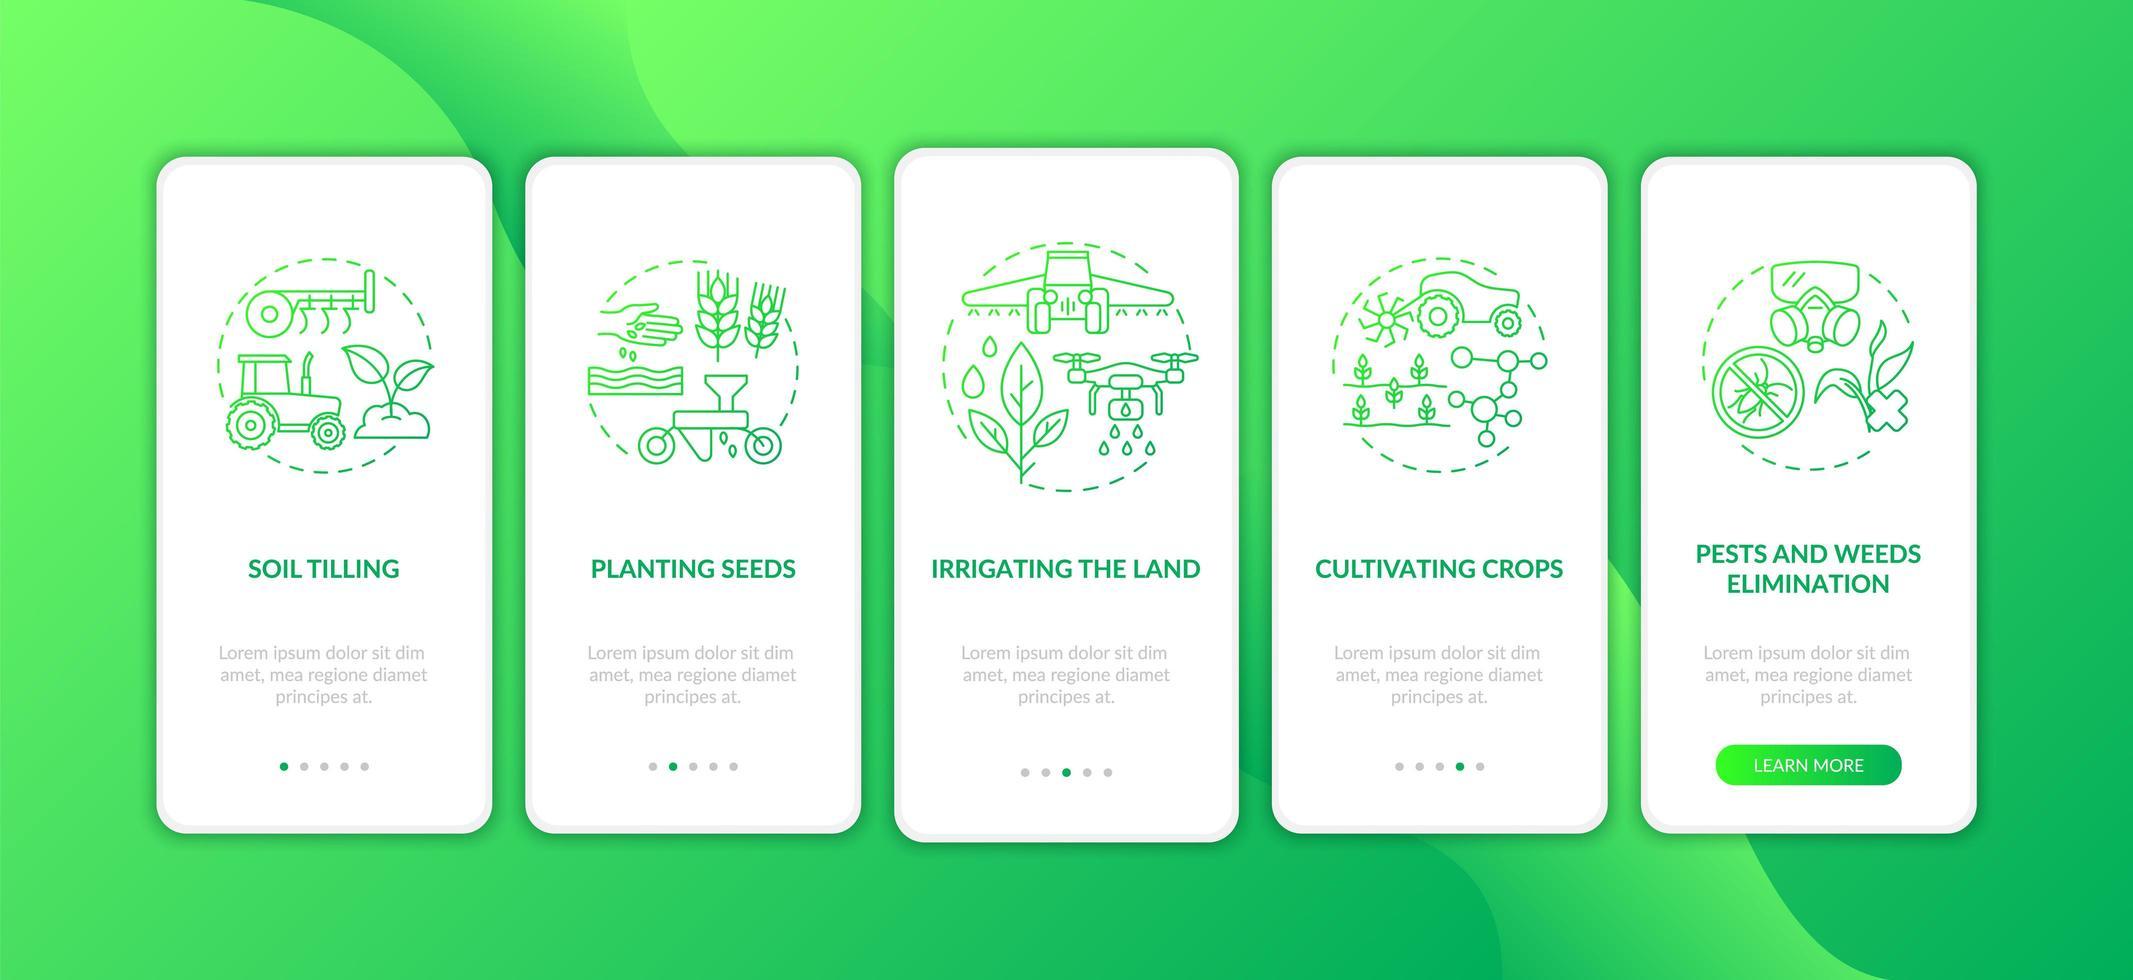 tareas de máquinas agrícolas incorporación de la pantalla de la página de la aplicación móvil con conceptos vector